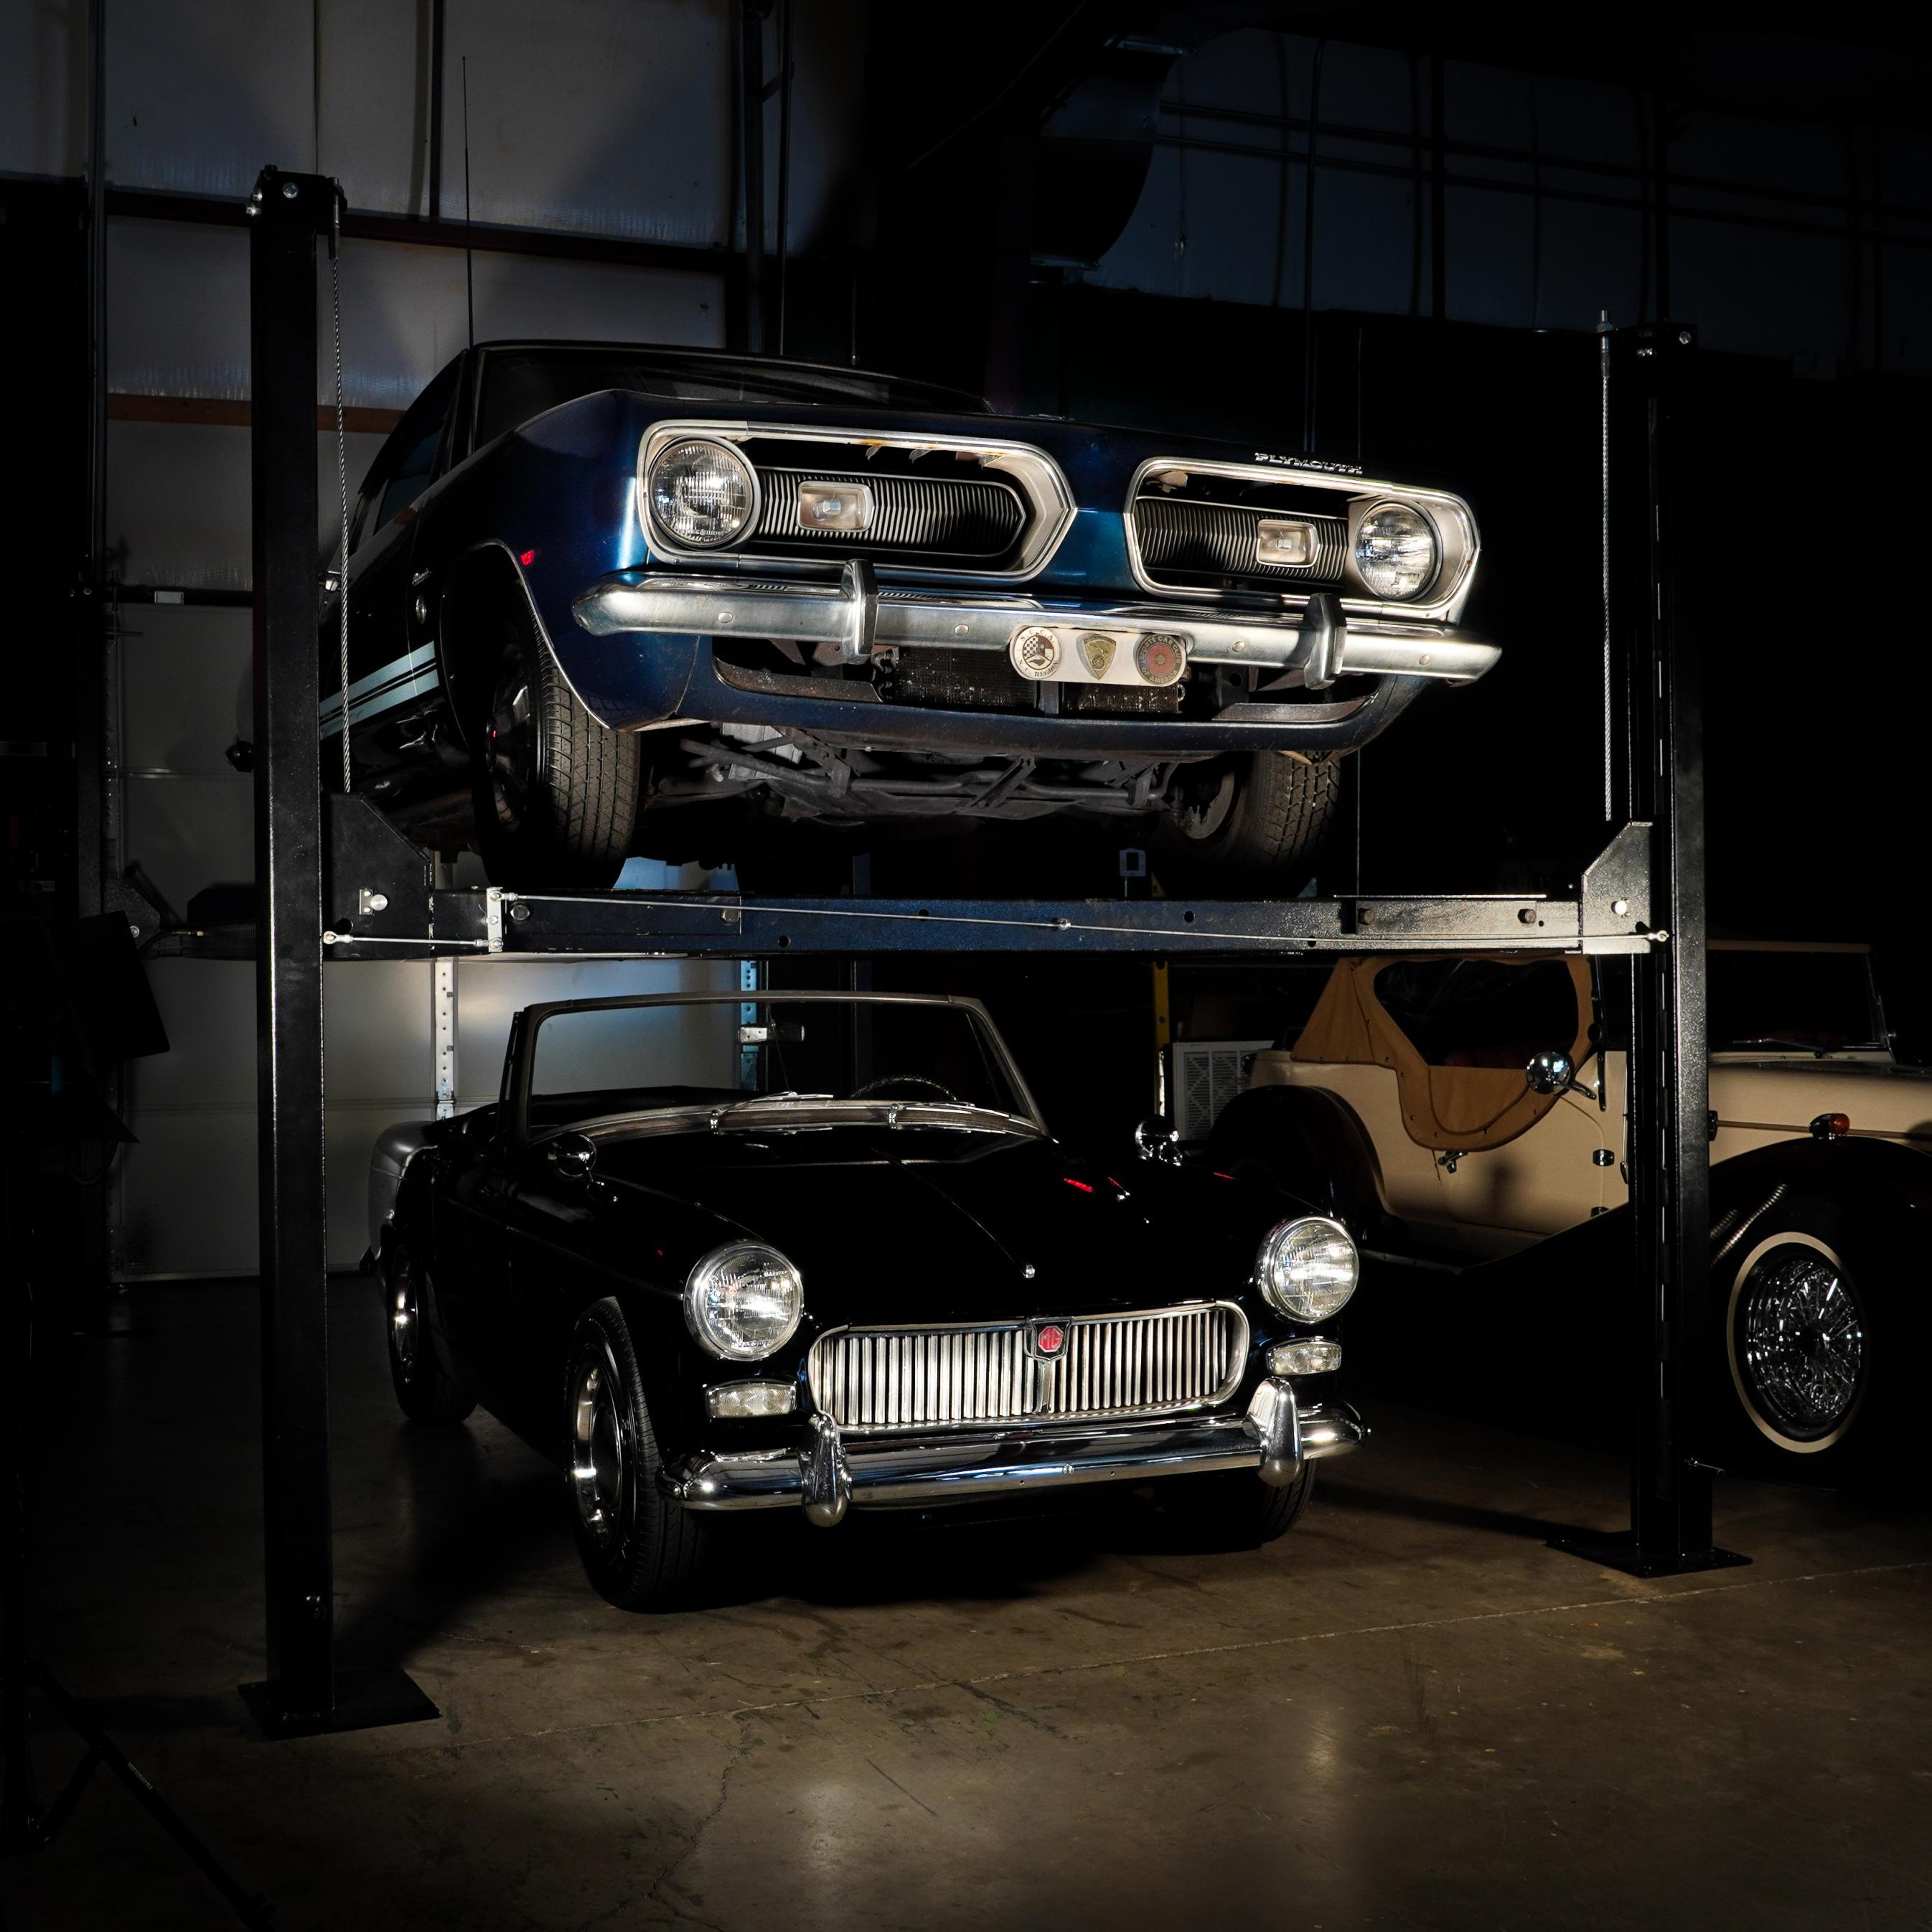 Genus: <I>Car collector</I>